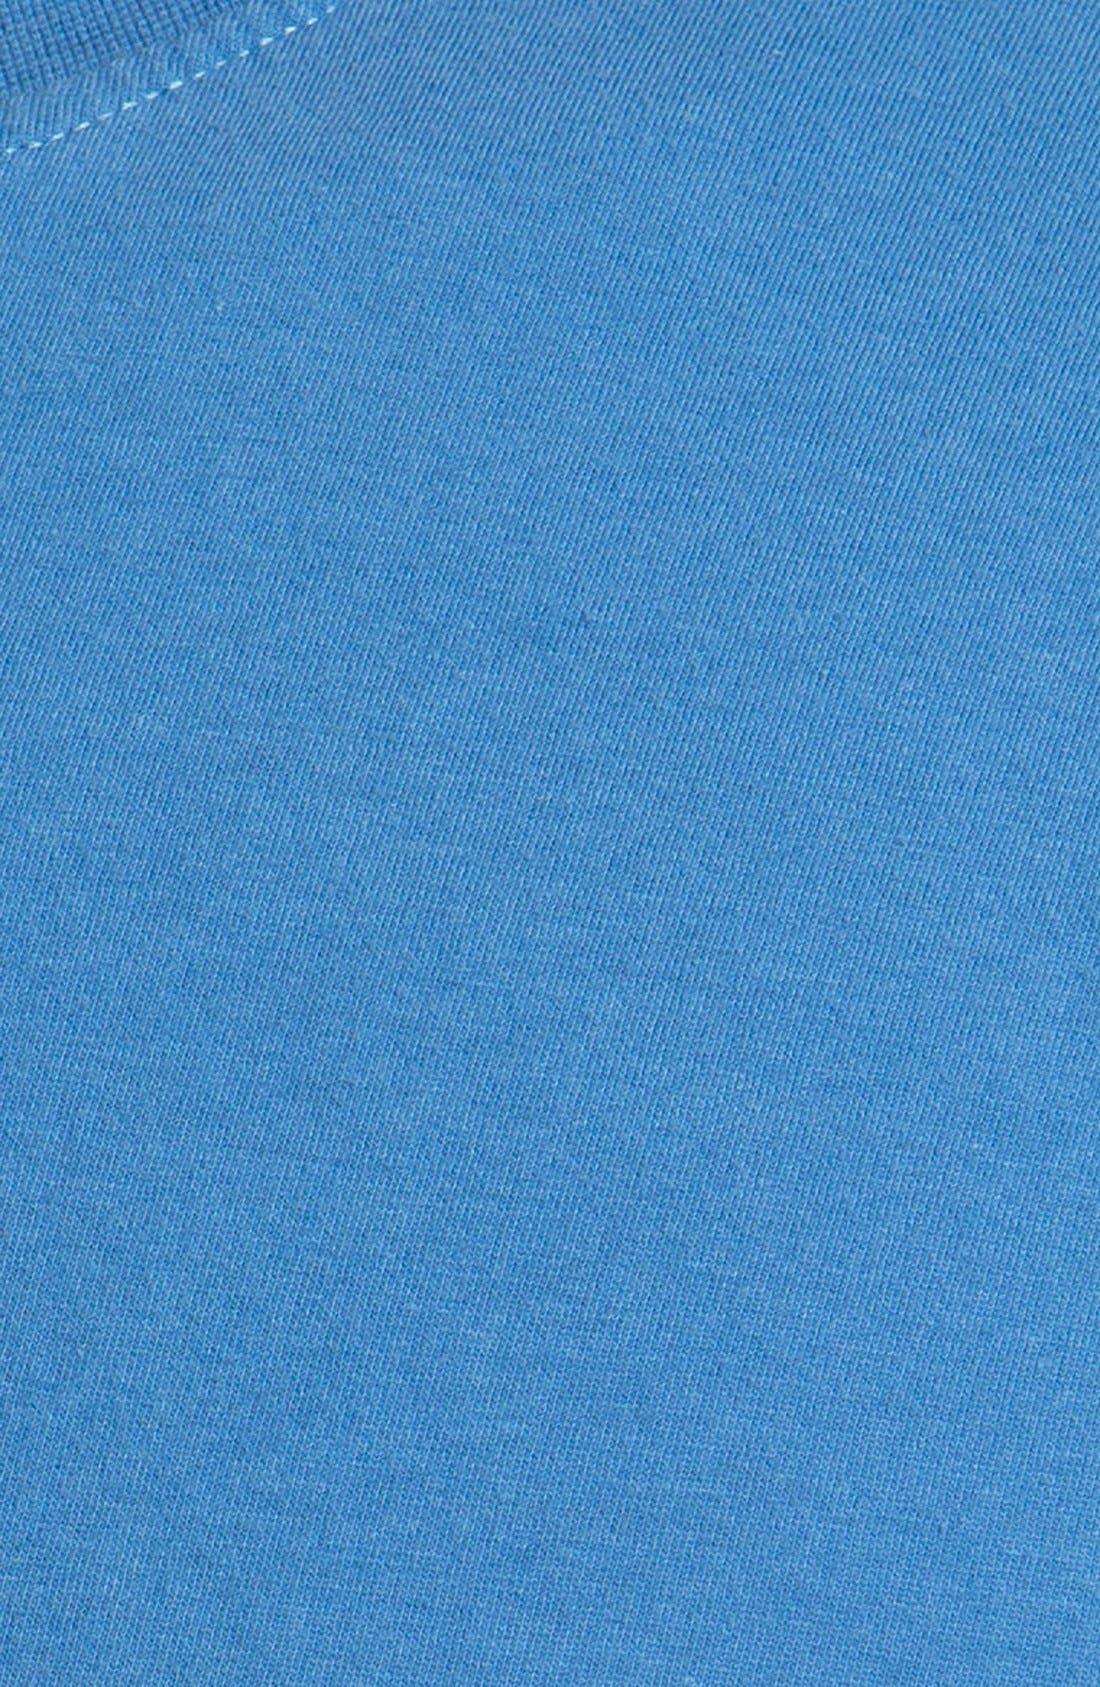 'Royals - Brass Tacks' T-Shirt,                             Alternate thumbnail 3, color,                             Royal